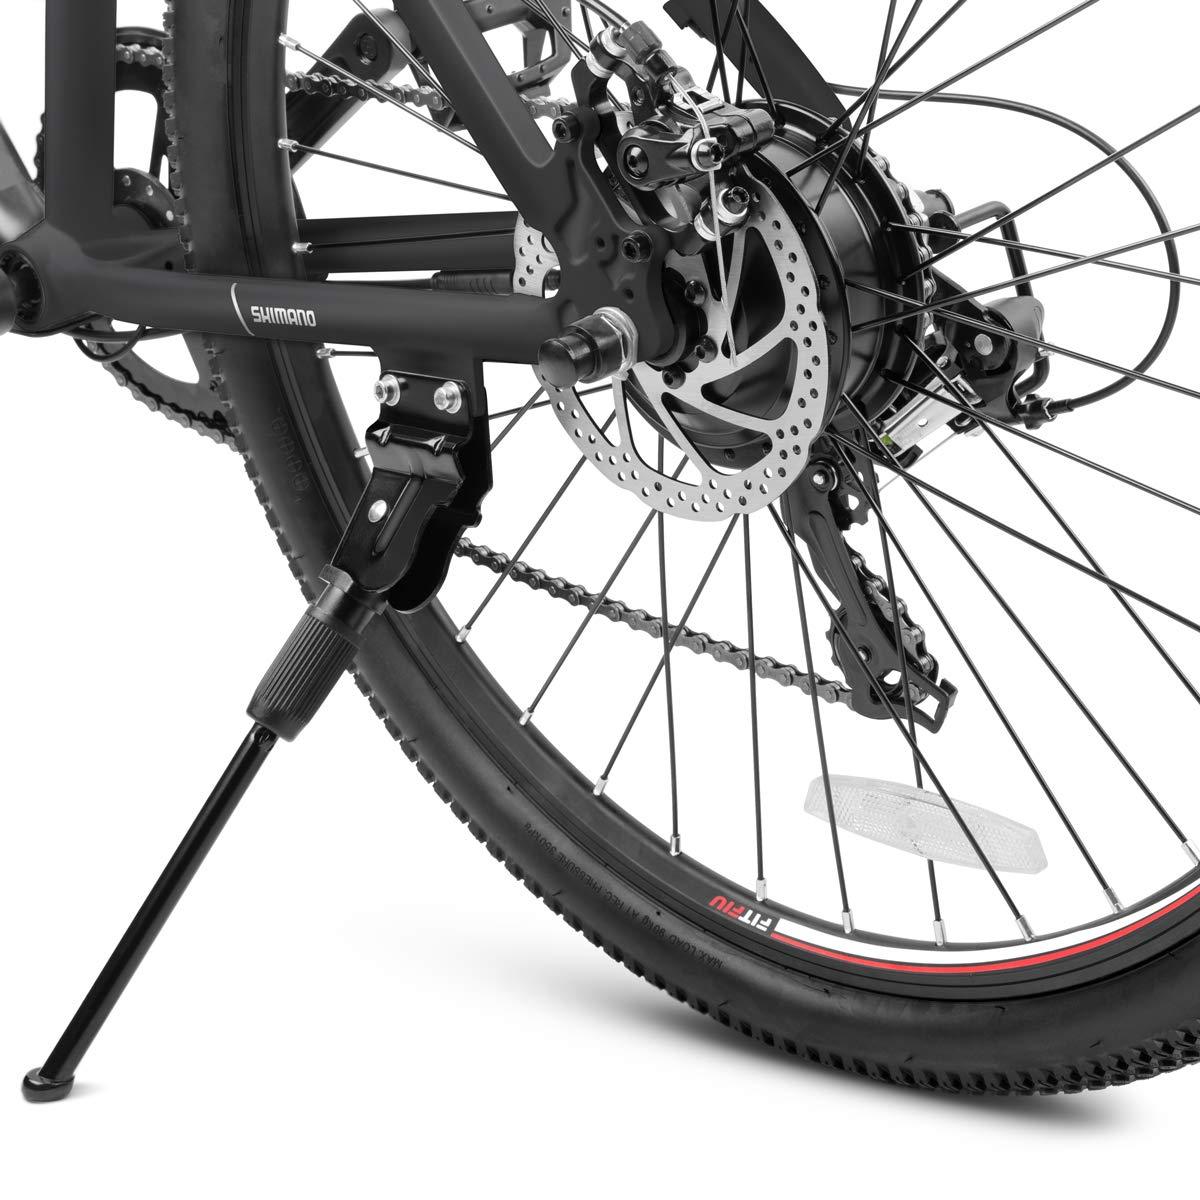 Fitfiu - Trekking Bicicleta eléctrica de 27,5